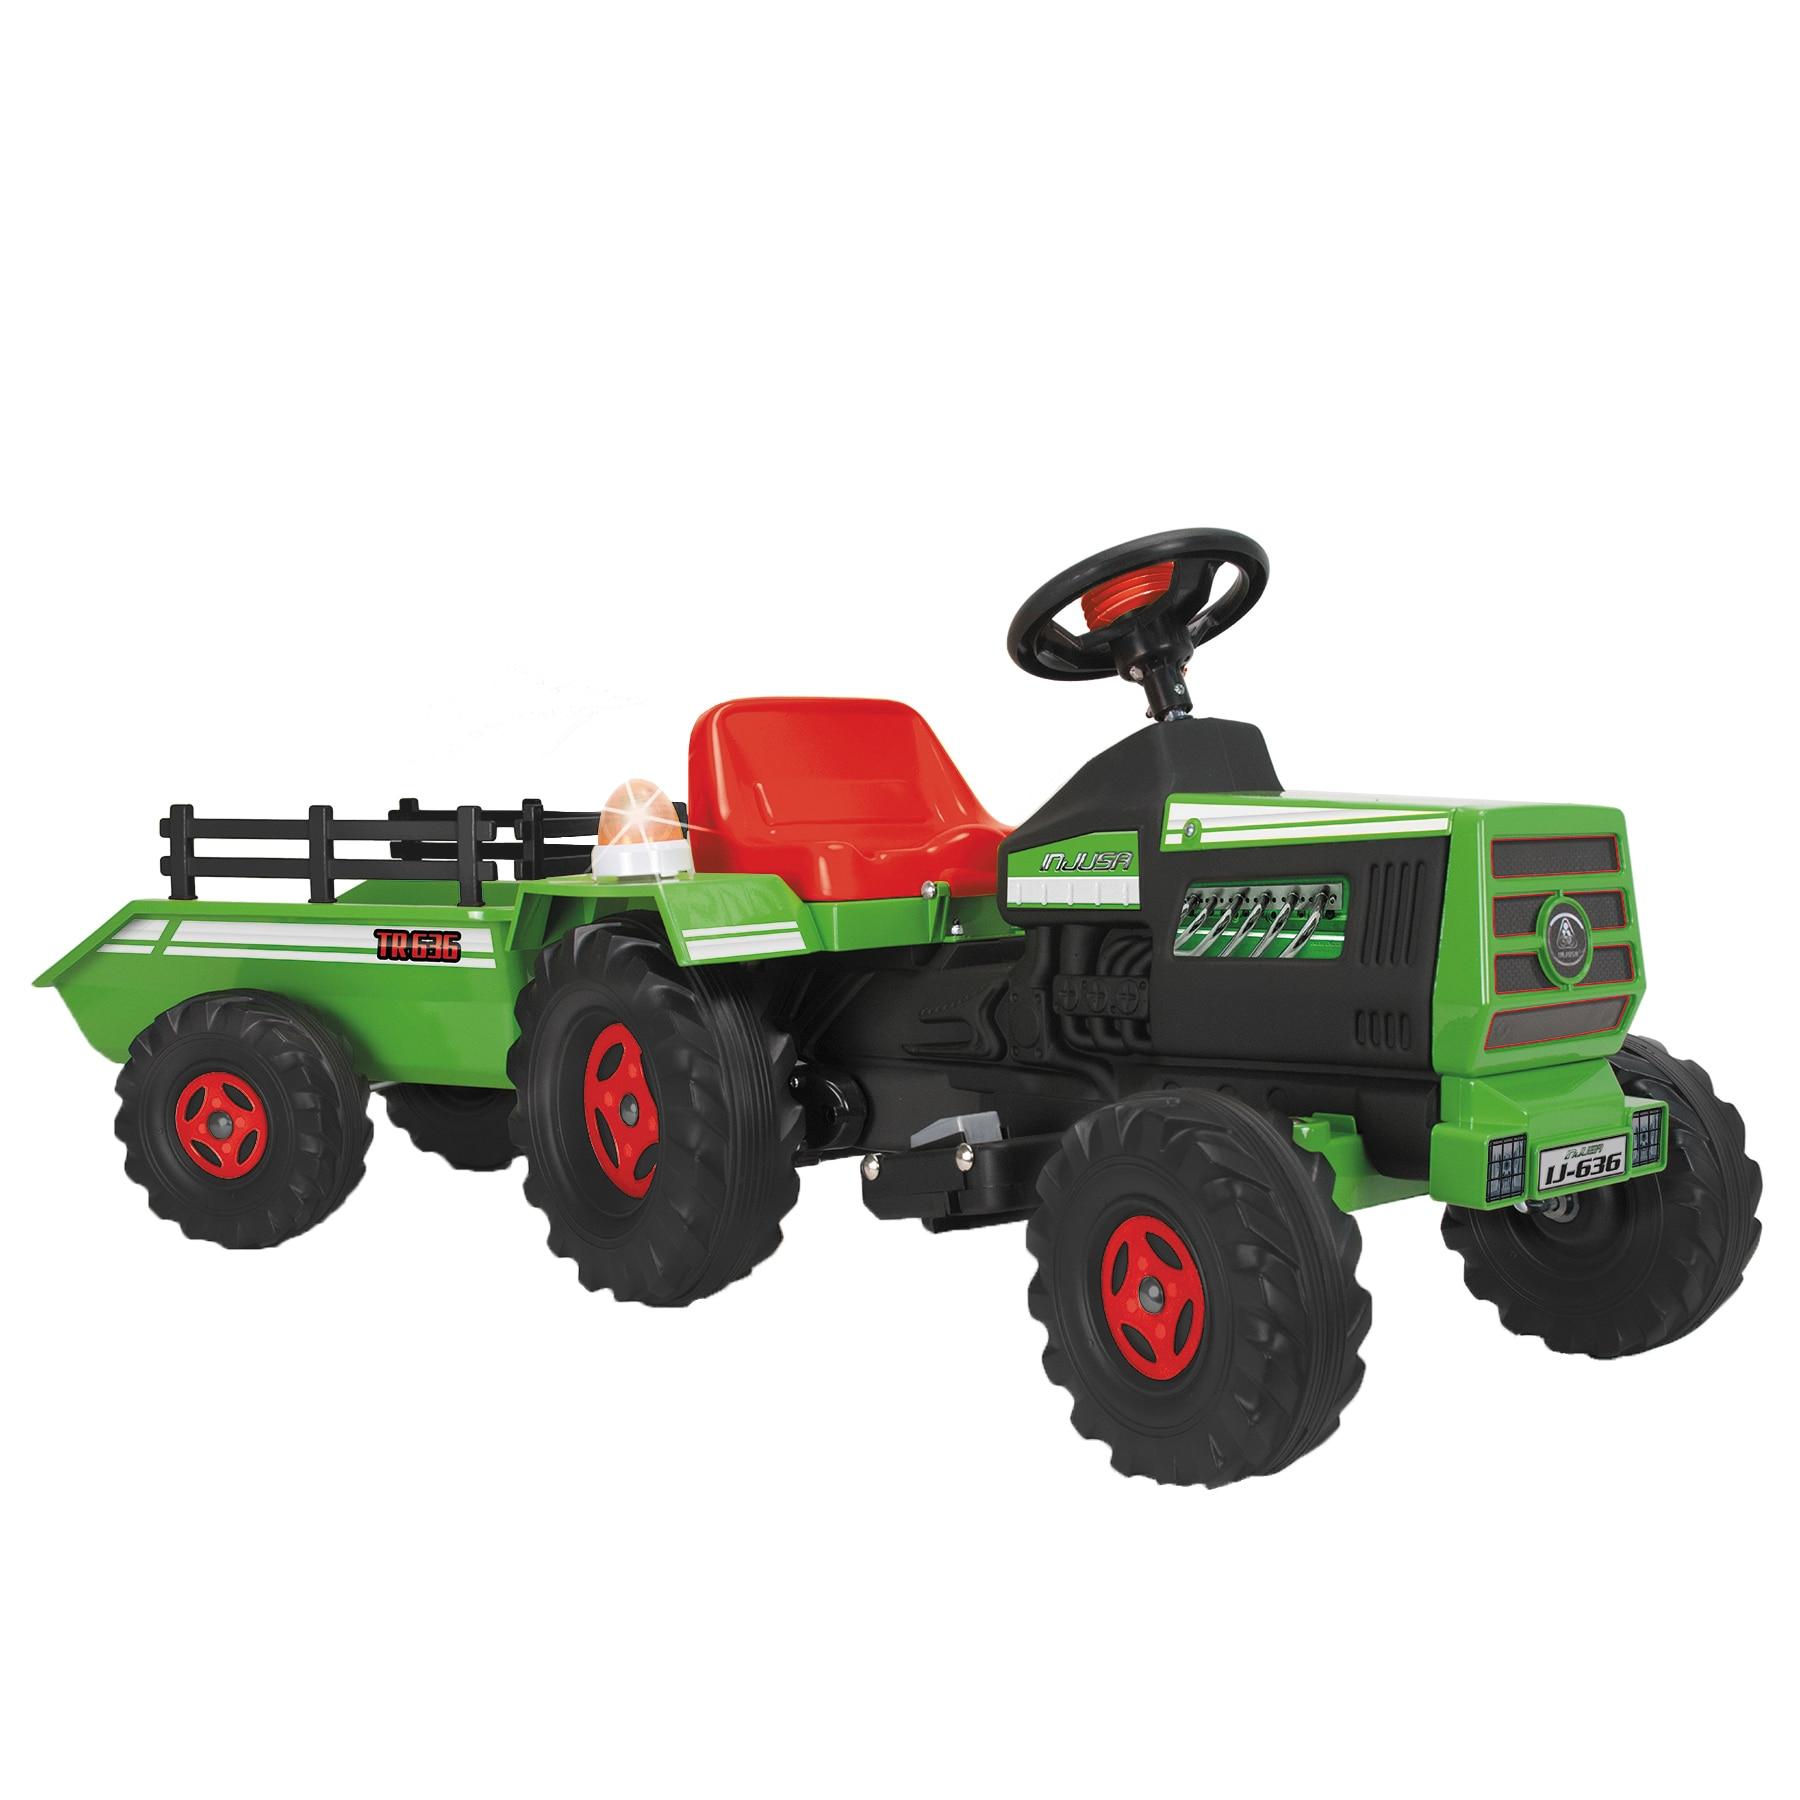 Fotografie Tractor electric cu remorca pentru copii Injusa, 6v, verde